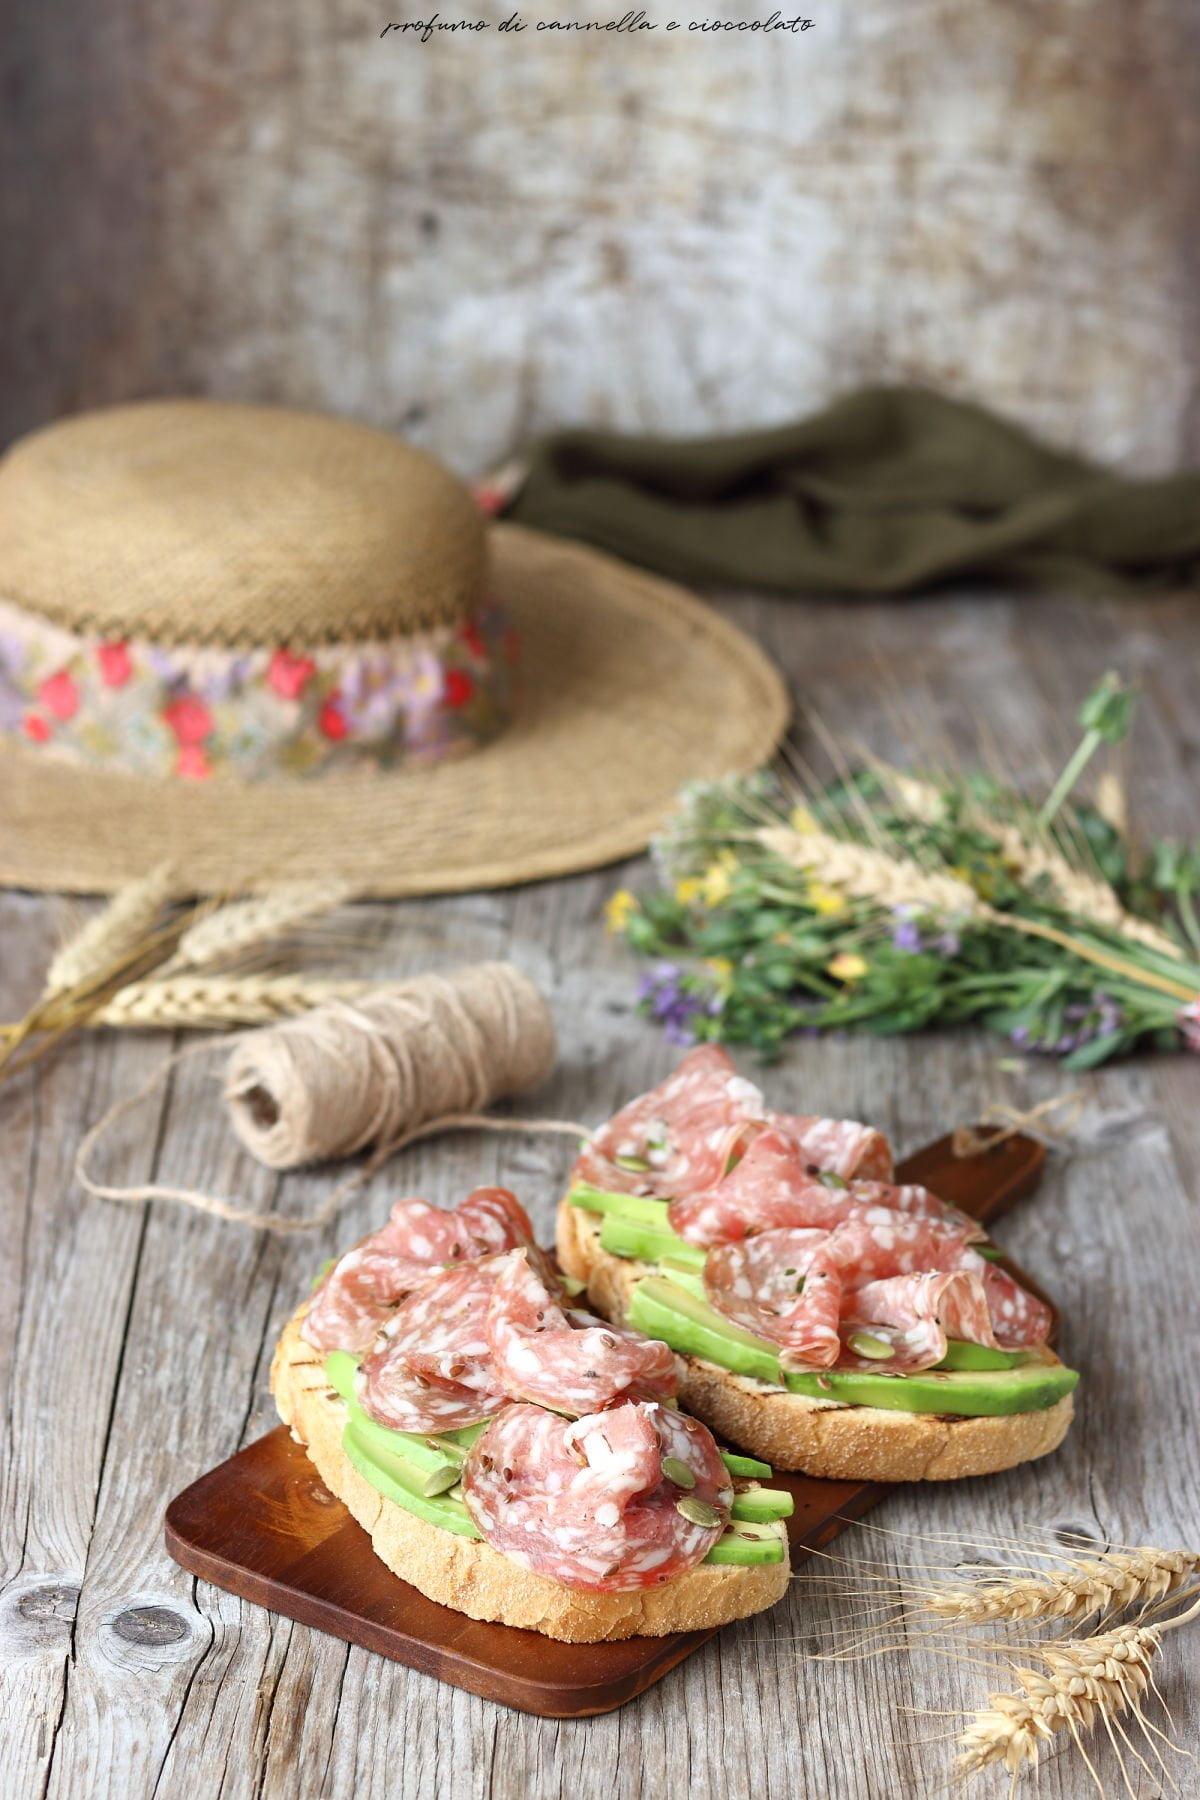 Bruschetta avocado e finocchiona